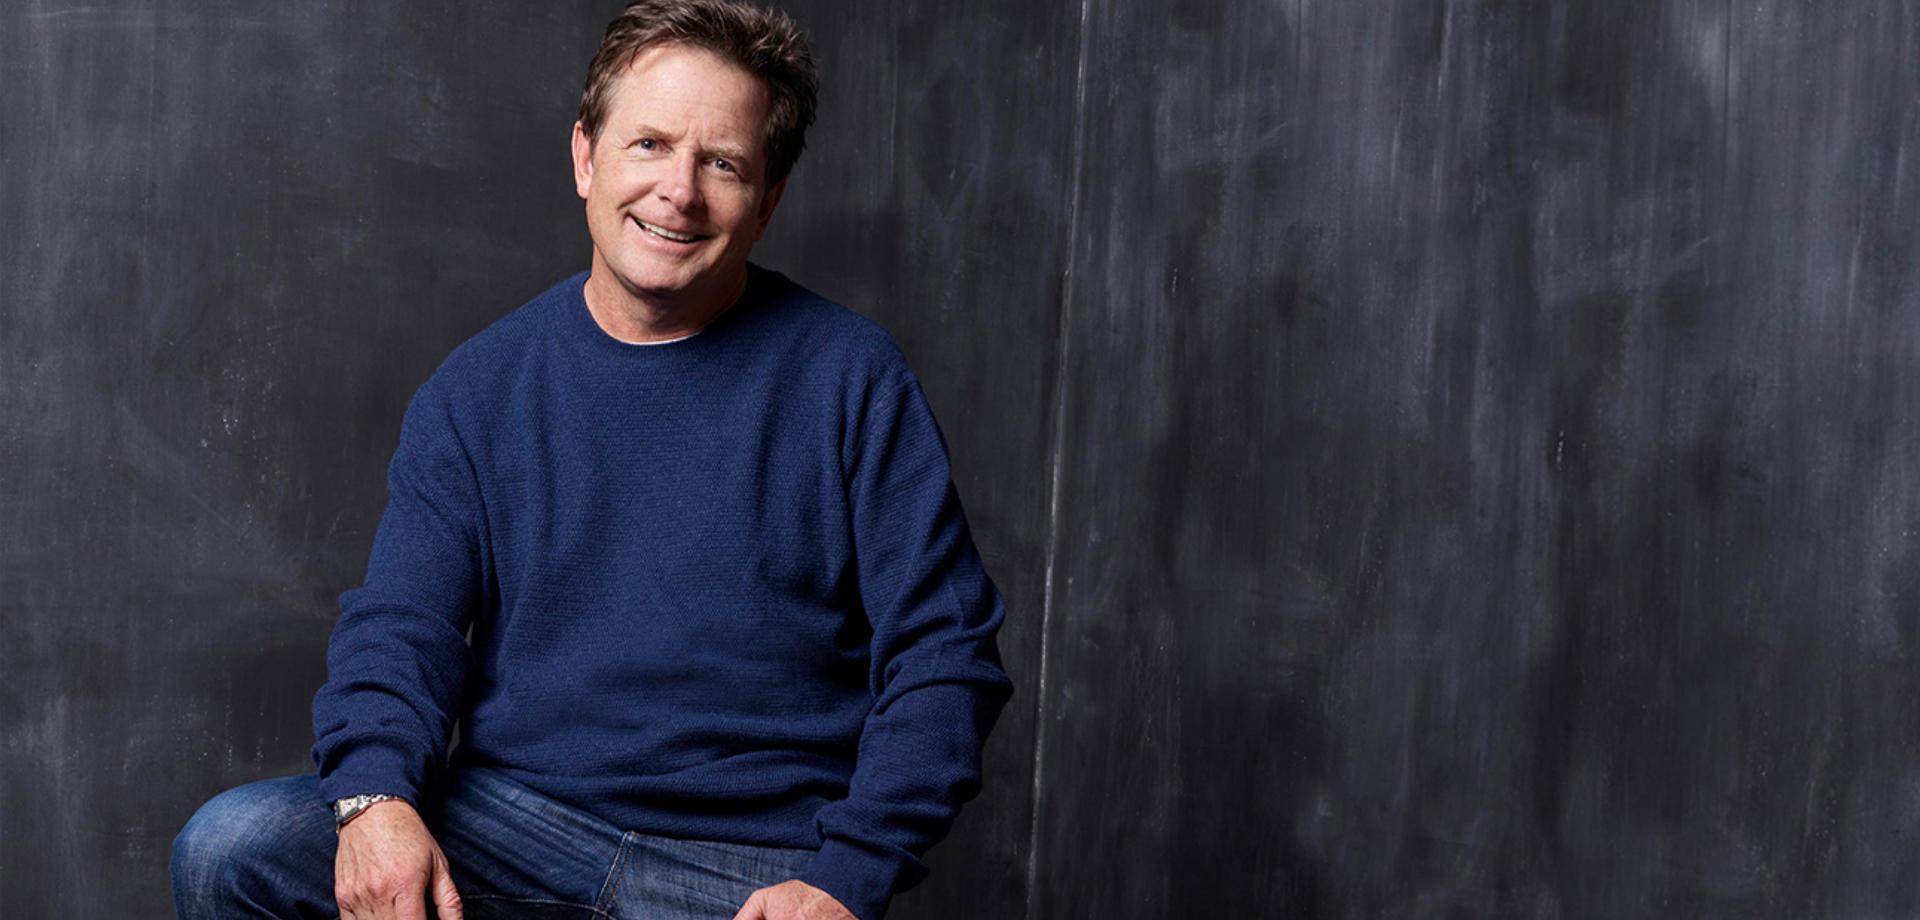 A Michael J. Fox Alapítvány azt reméli, hogy a kannabisz segítséget nyújthat a Parkinson-kóros betegeknek | Magyar Orvosi Kannabisz Egyesület